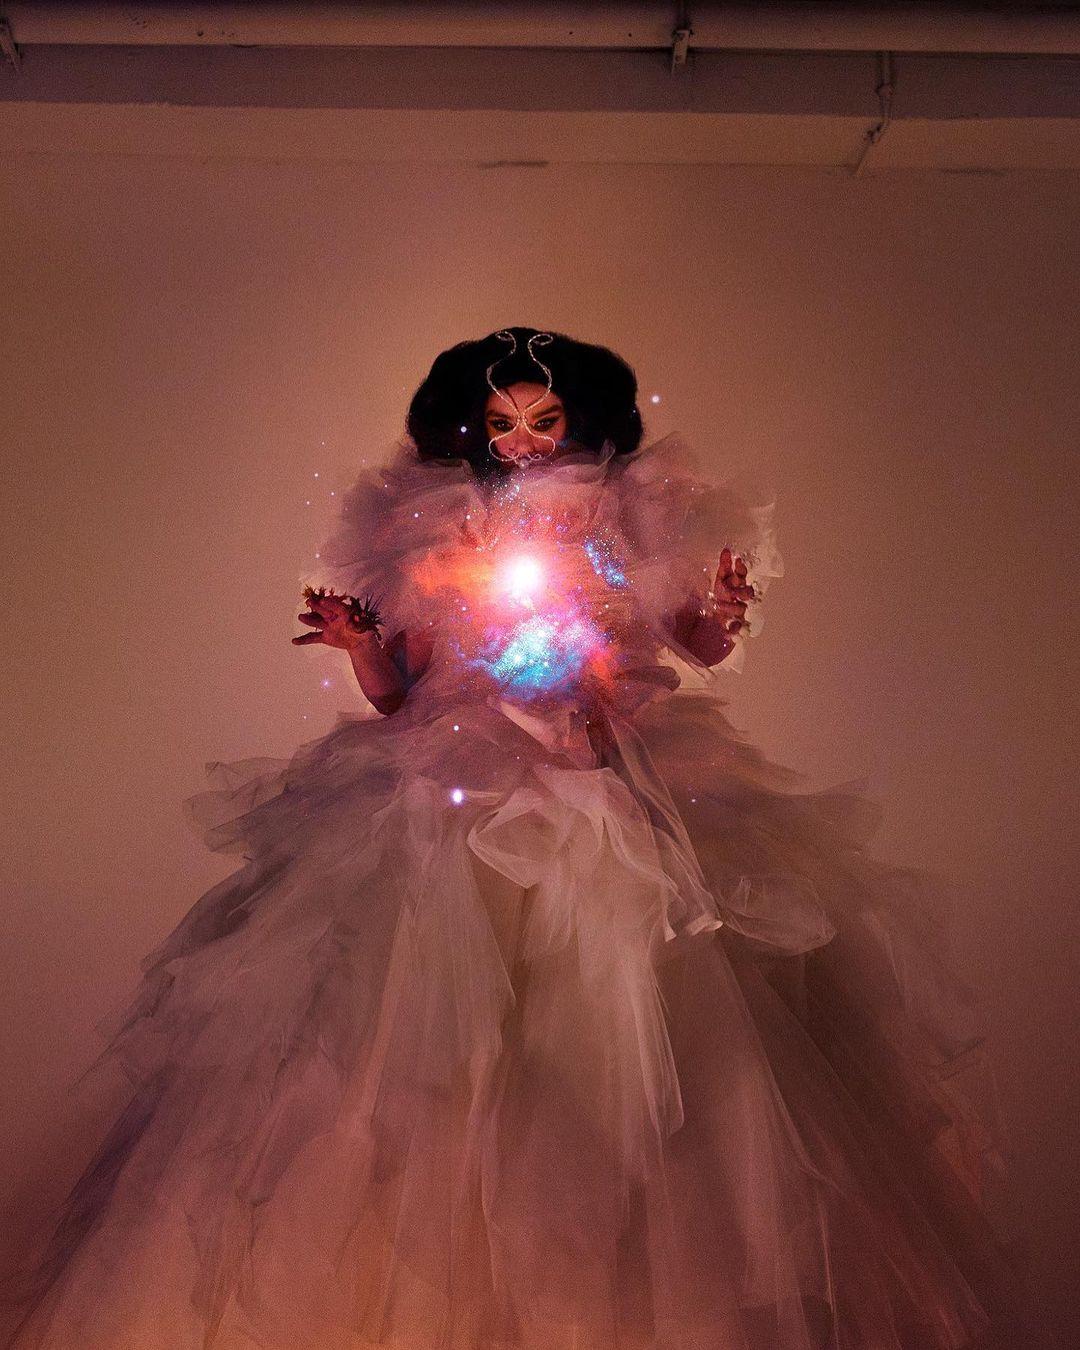 10 lanzamientos recientes que debes escuchar: Björk + System Of A Down + C. Tangana y más